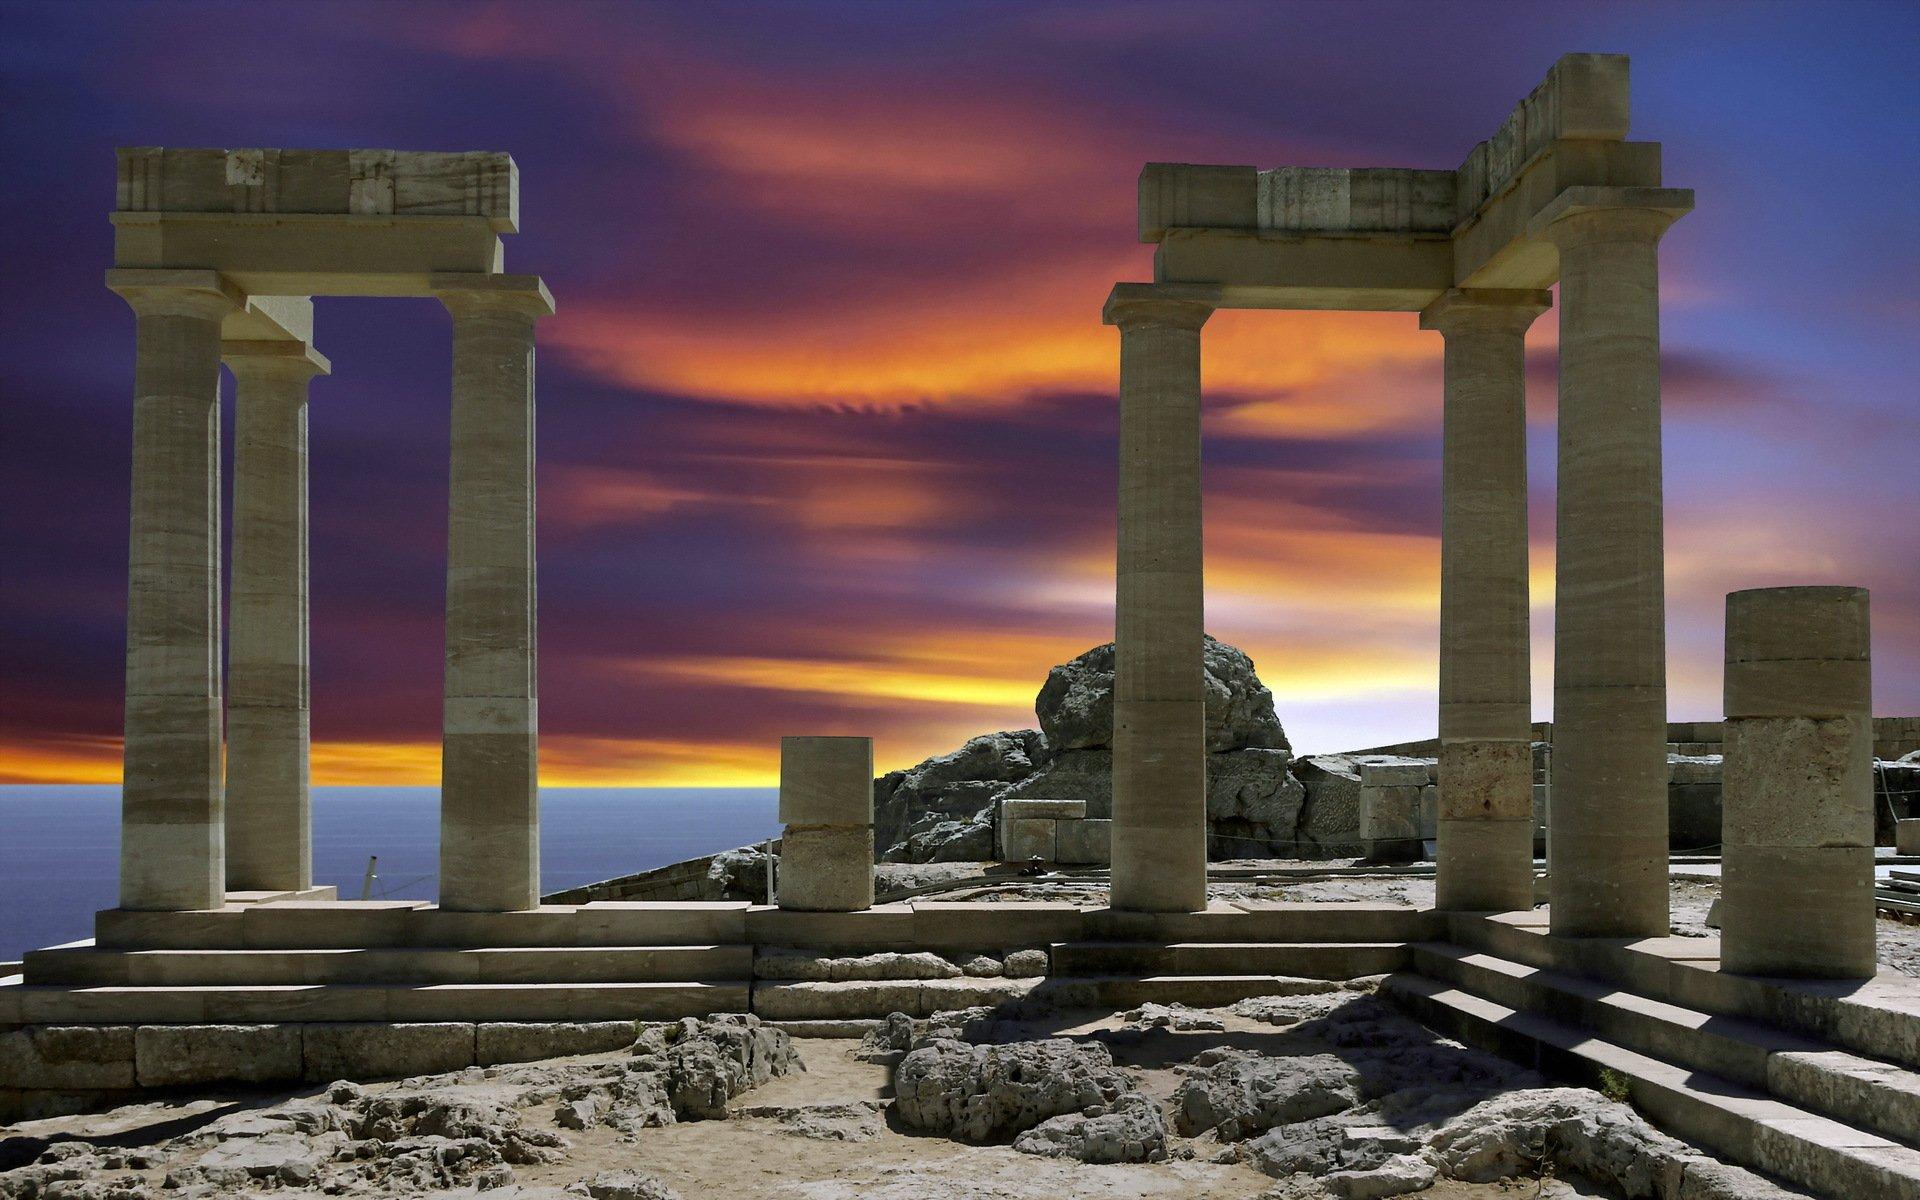 дают обои на тему древней греции менее